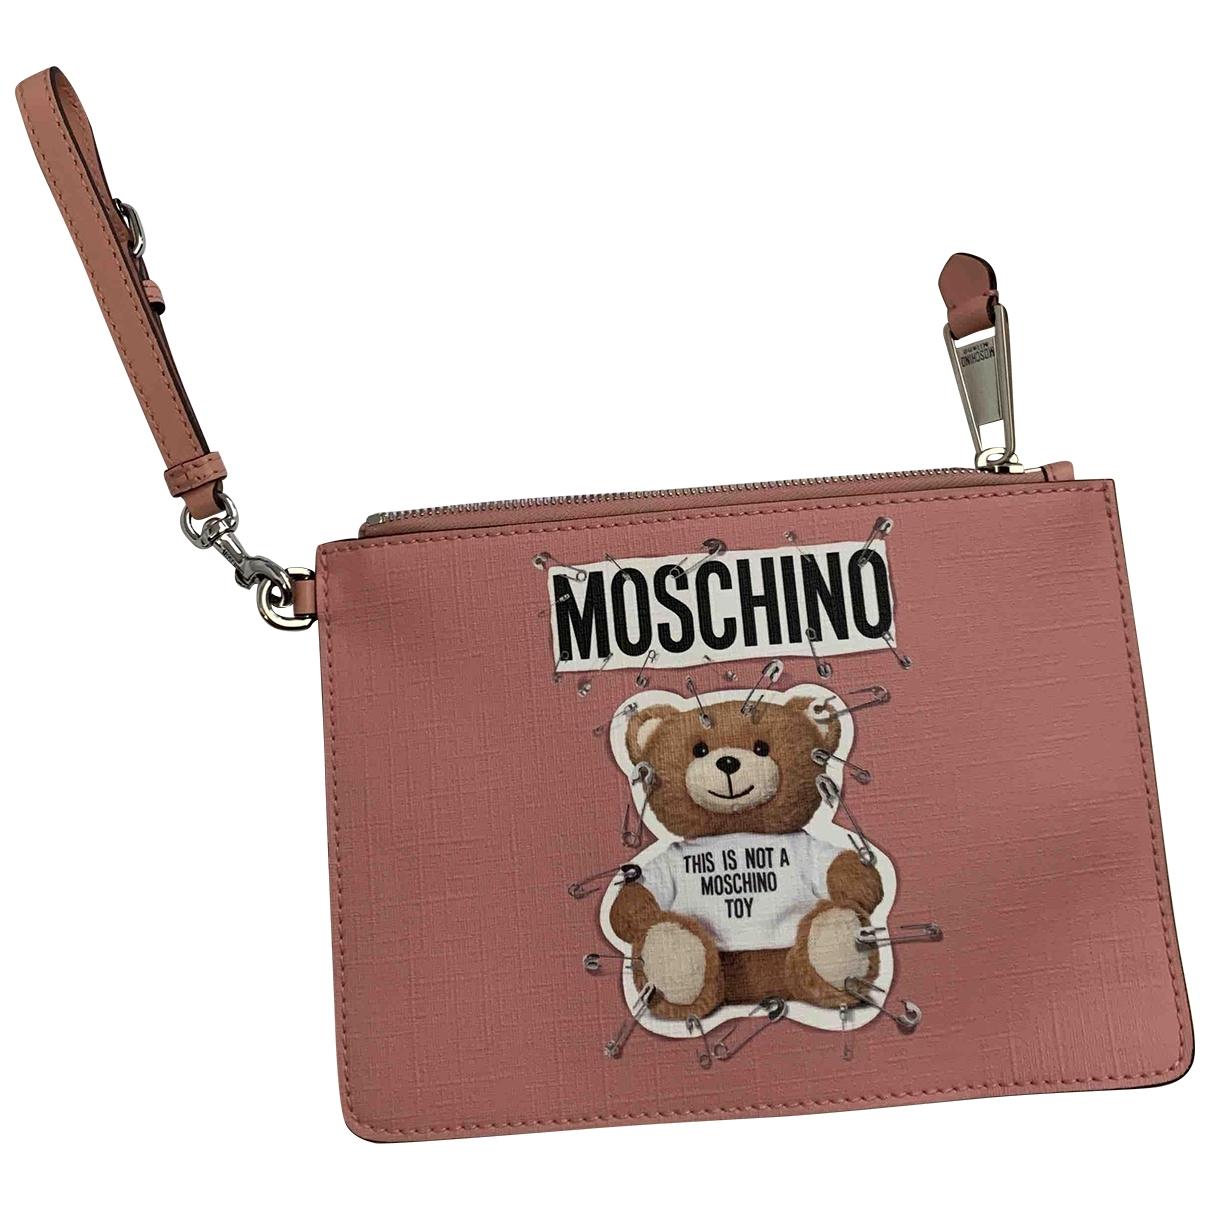 Moschino - Pochette   pour femme en cuir - rose